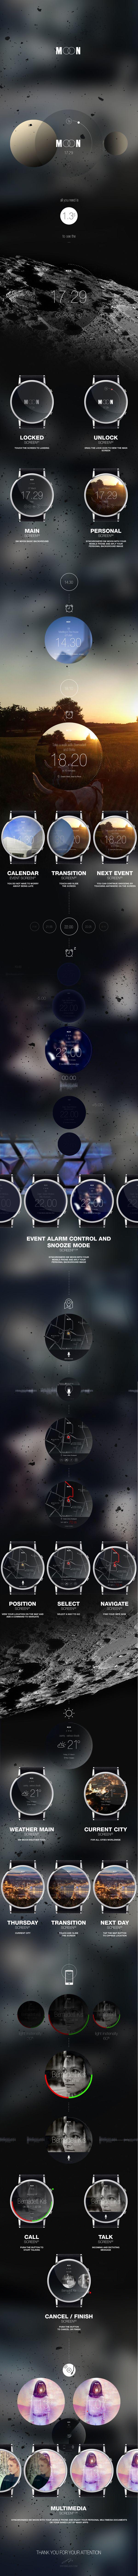 MOON smart watch project by Erős Balázs, via Behance